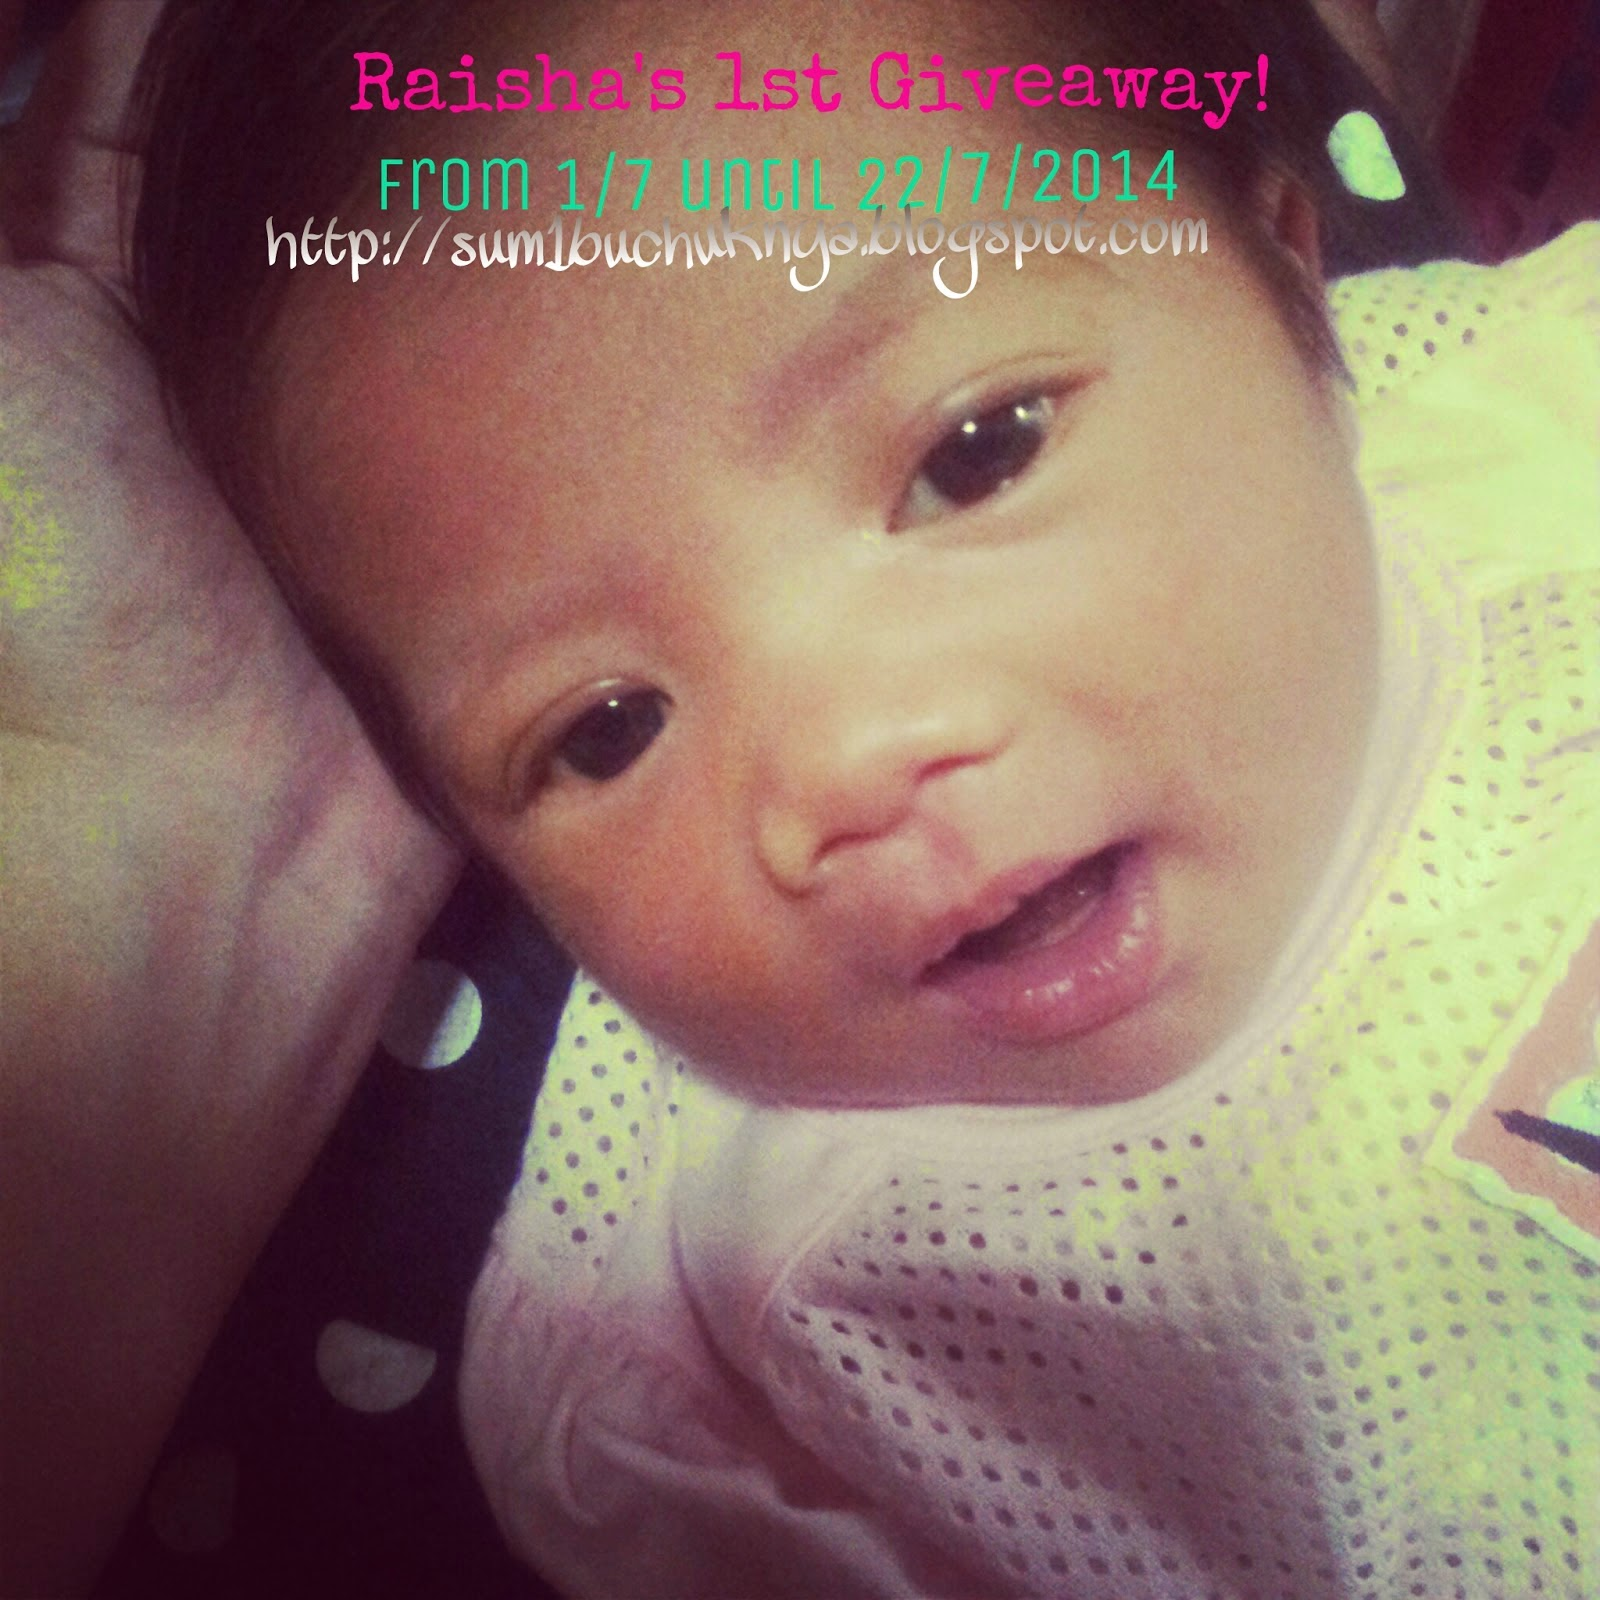 http://sum1buchuknya.blogspot.com/2014/06/raisha-1st-giveaway.html